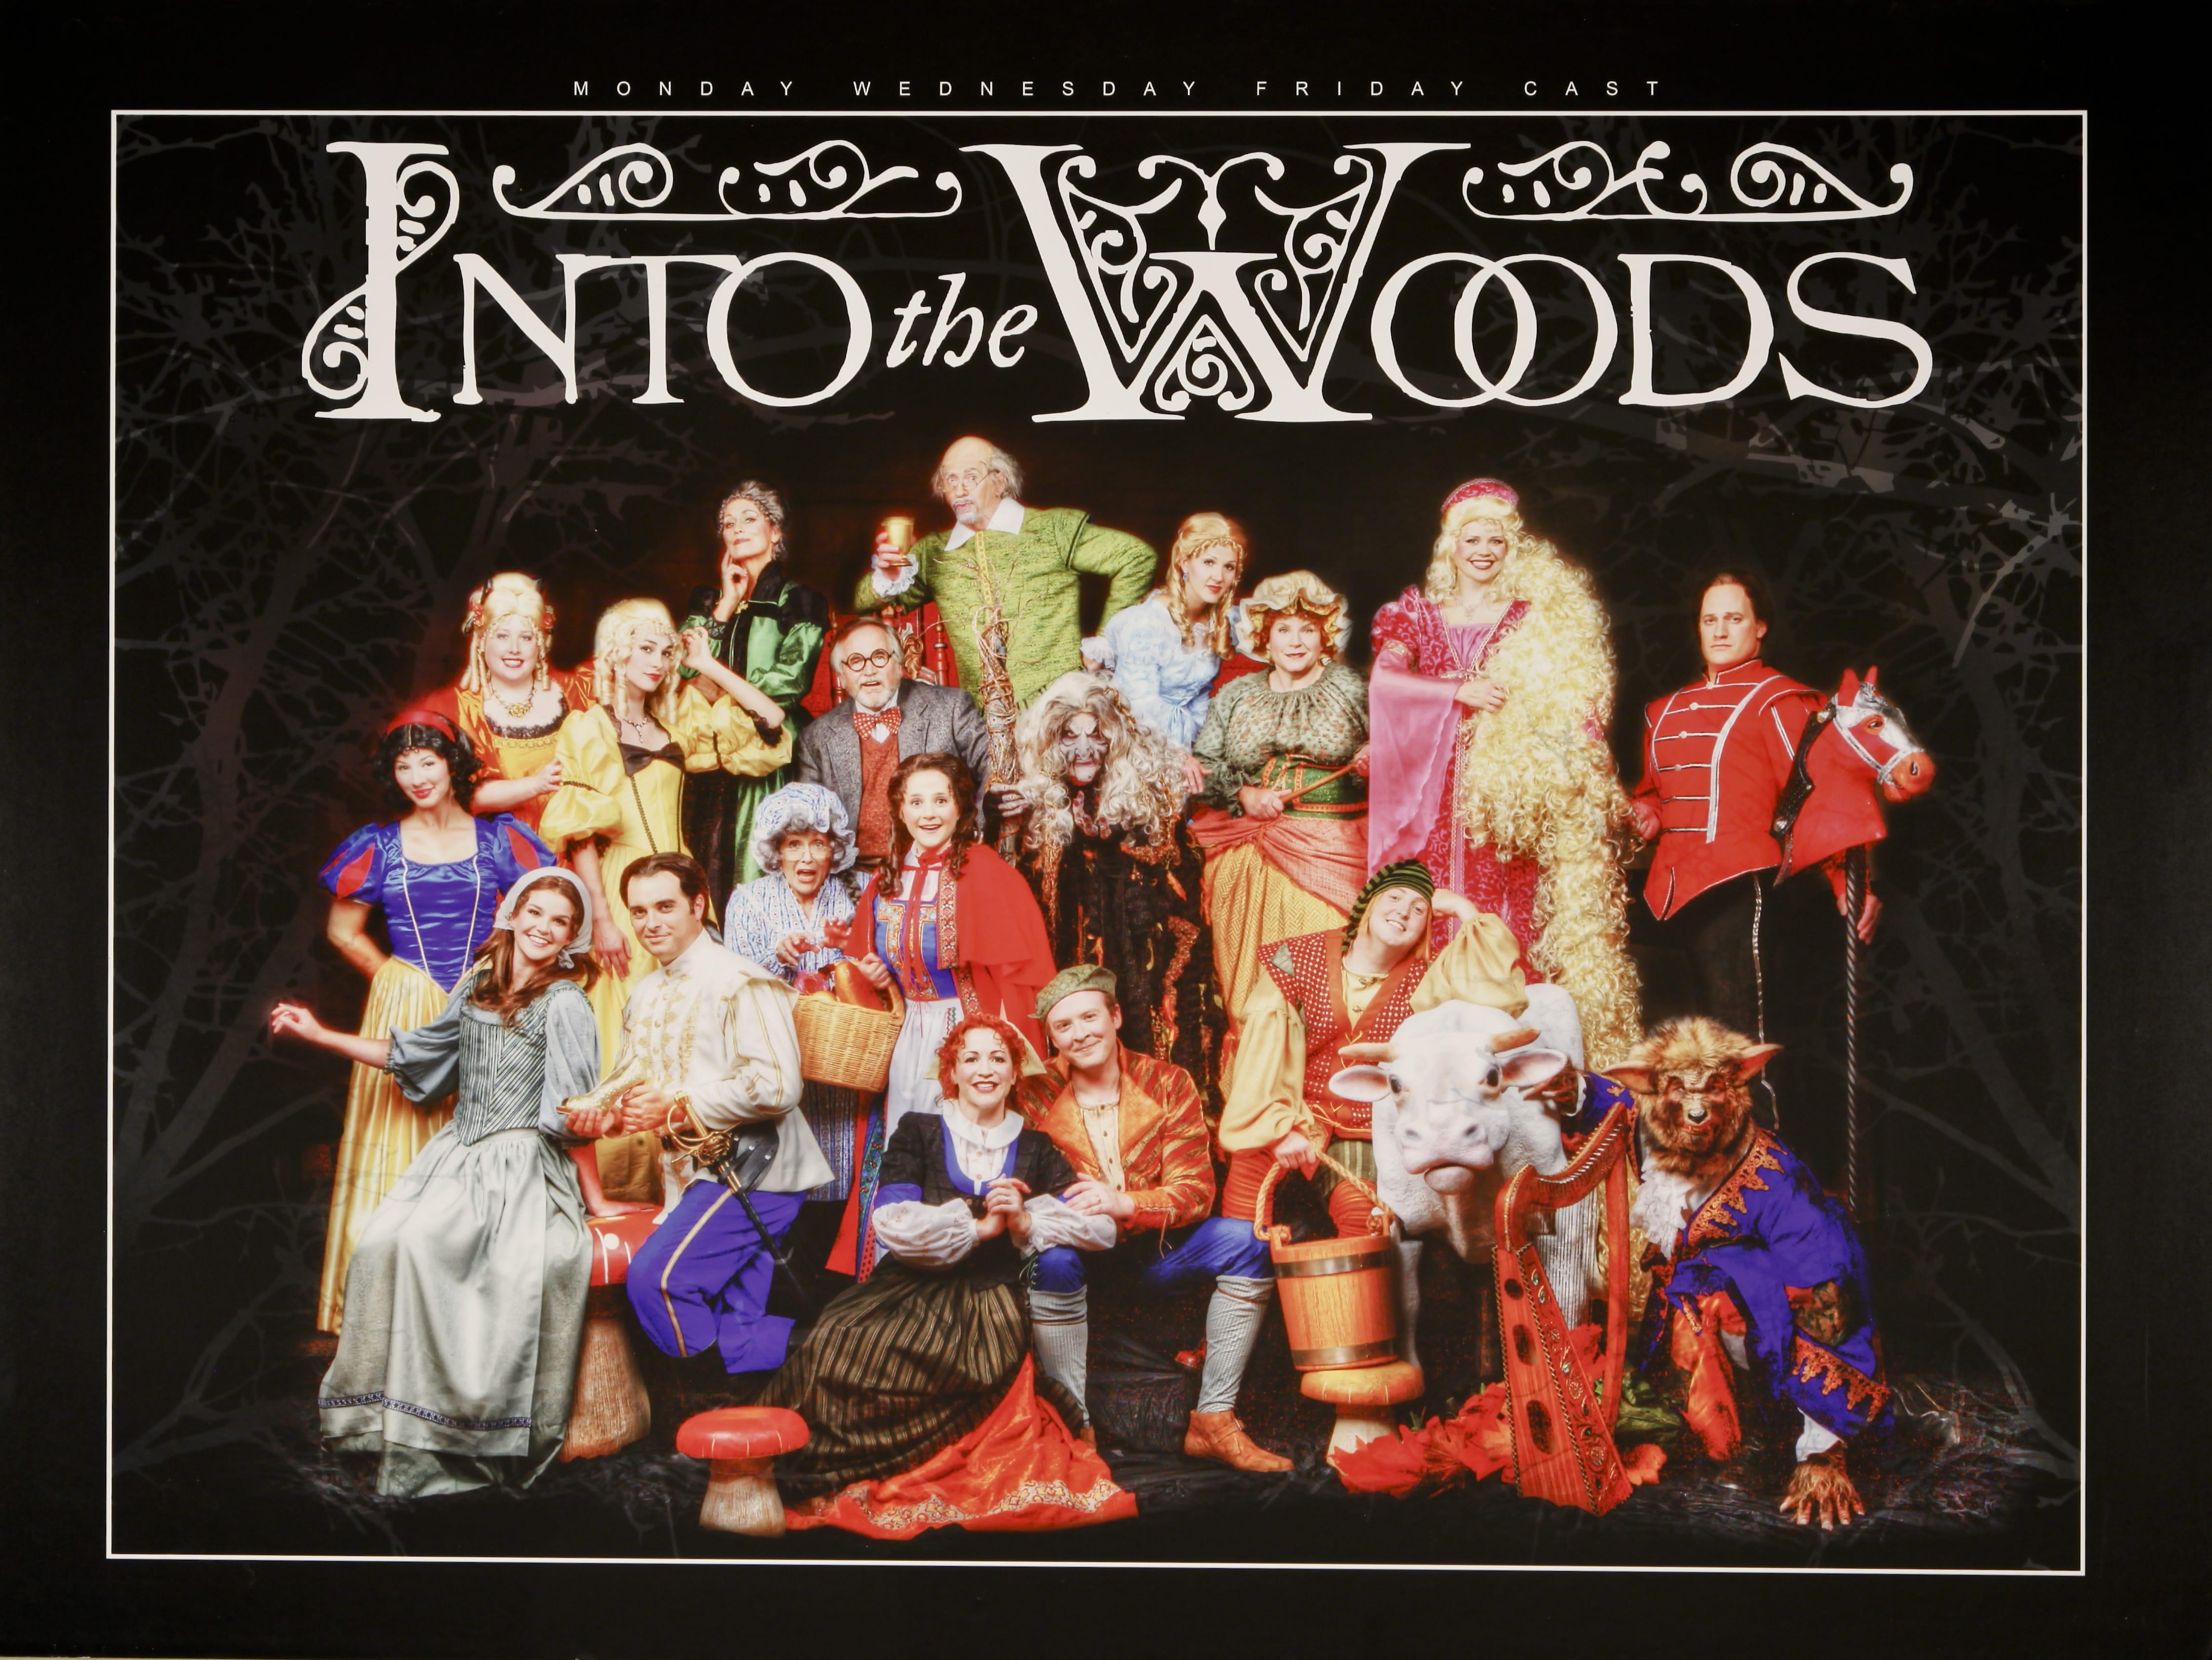 Hale Centre Theatre's 2008 Into the Woods Cast